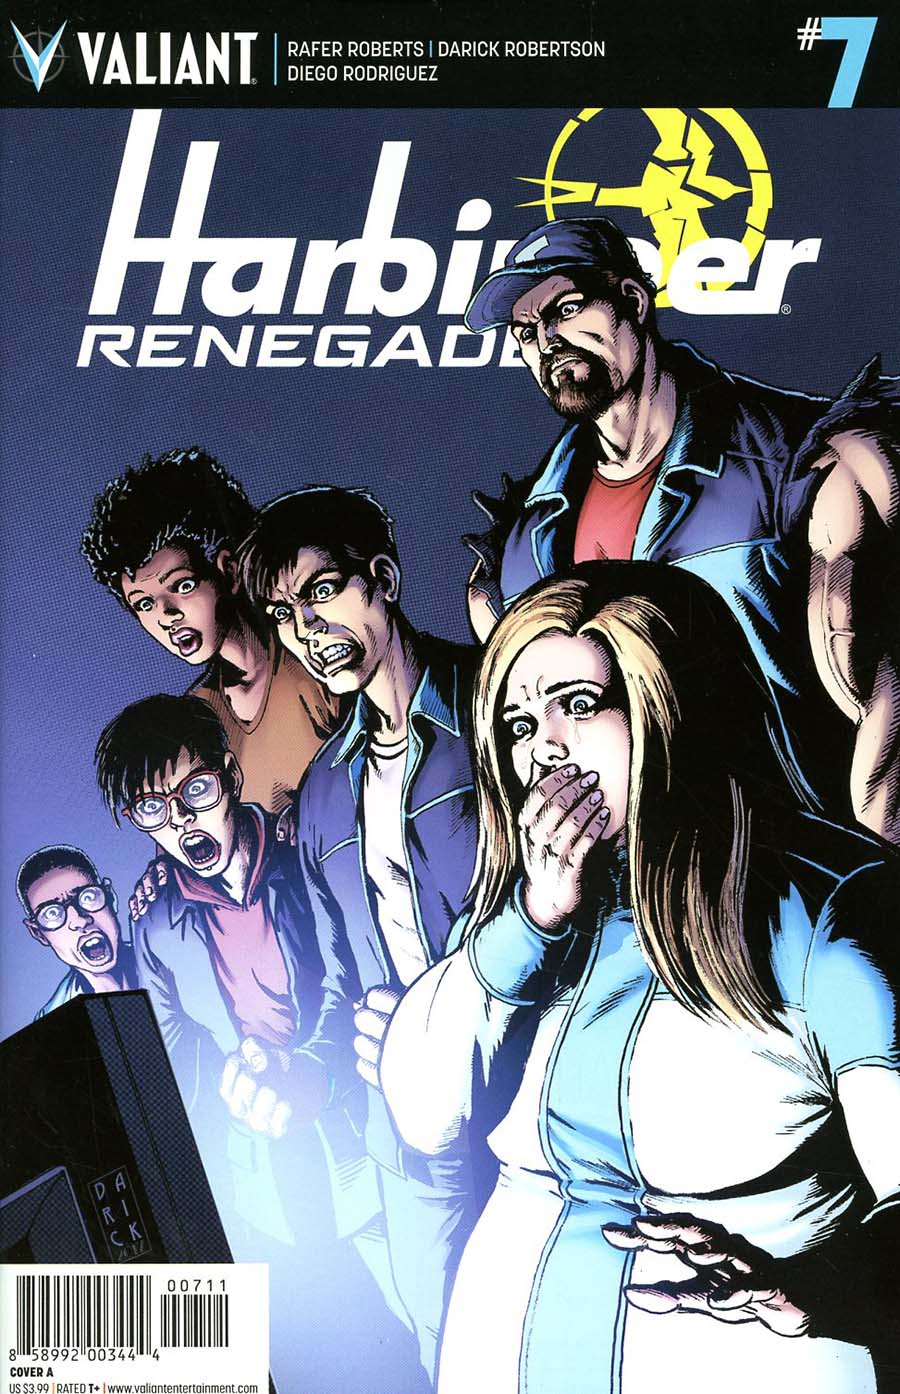 Harbinger Renegade #7 Cover A Regular Darick Robertson Cover